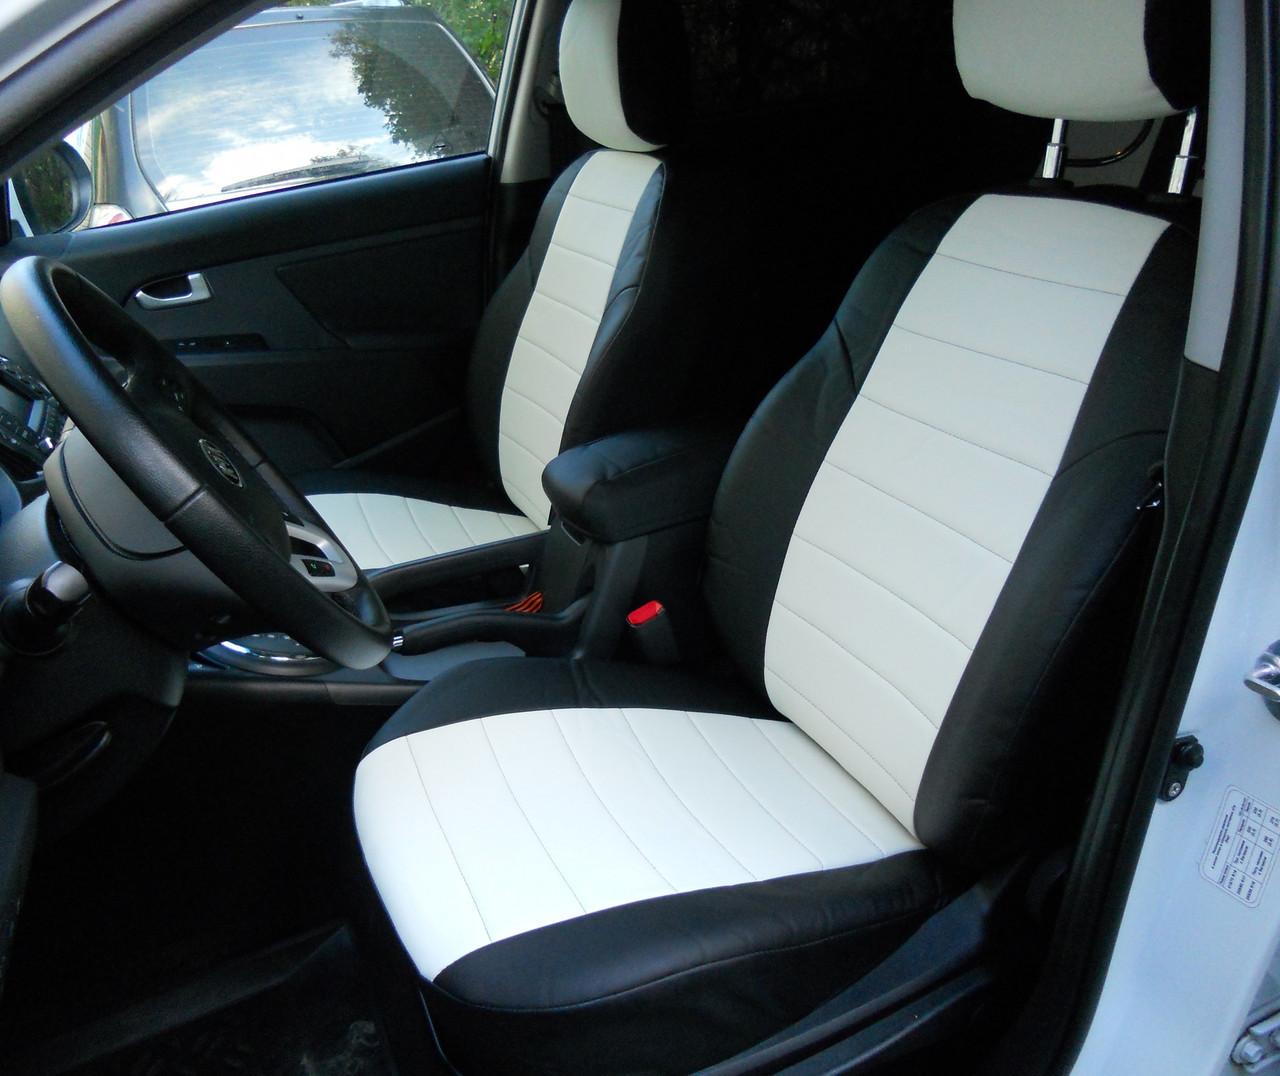 Чехлы на сиденья БМВ Е46 (BMW E46) (универсальные, кожзам, с отдельным подголовником)